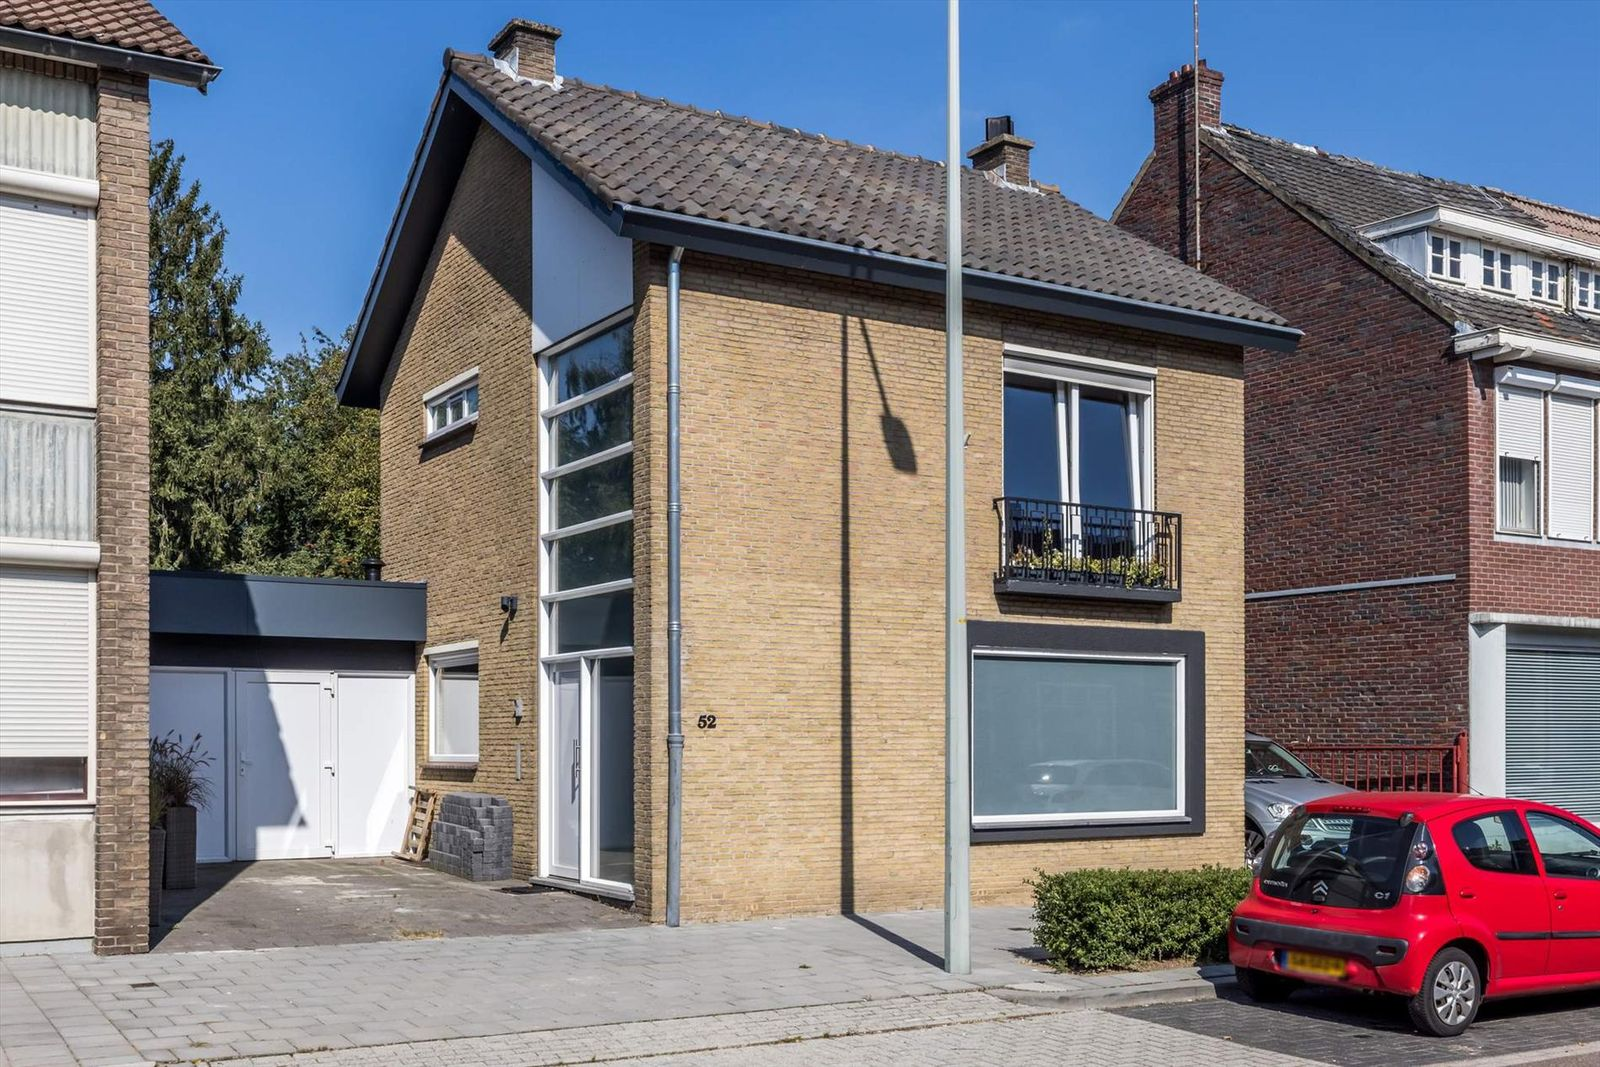 Hommerterweg 52, Hoensbroek